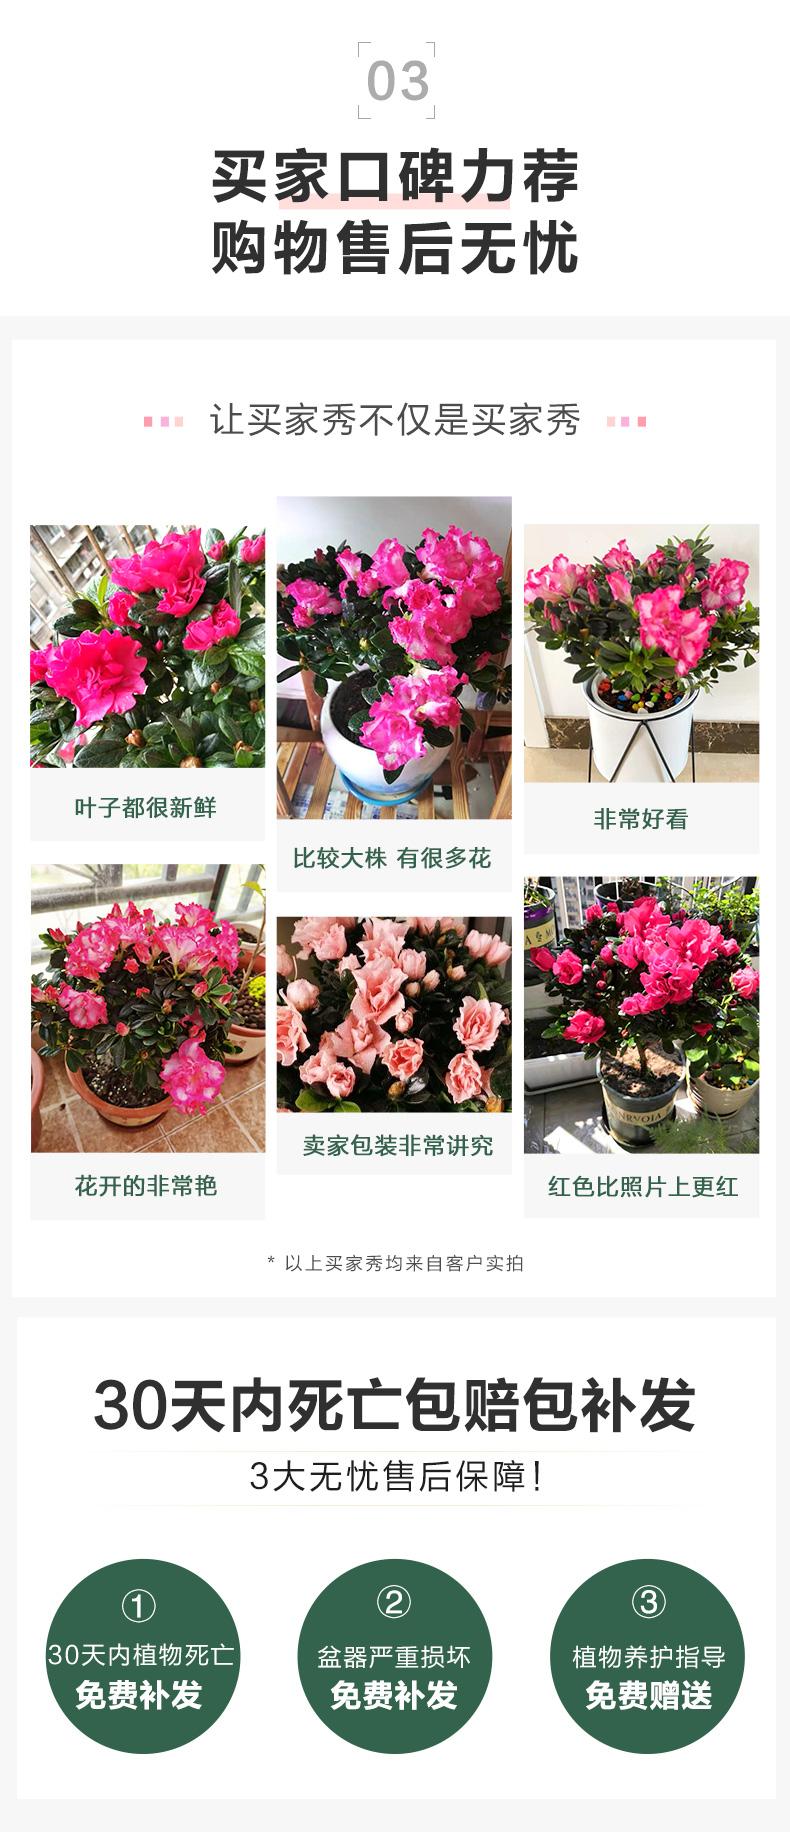 杜鹃花苗盆栽带花苞四季开花不断室内花卉绿植植物大棵好养年宵花详细照片